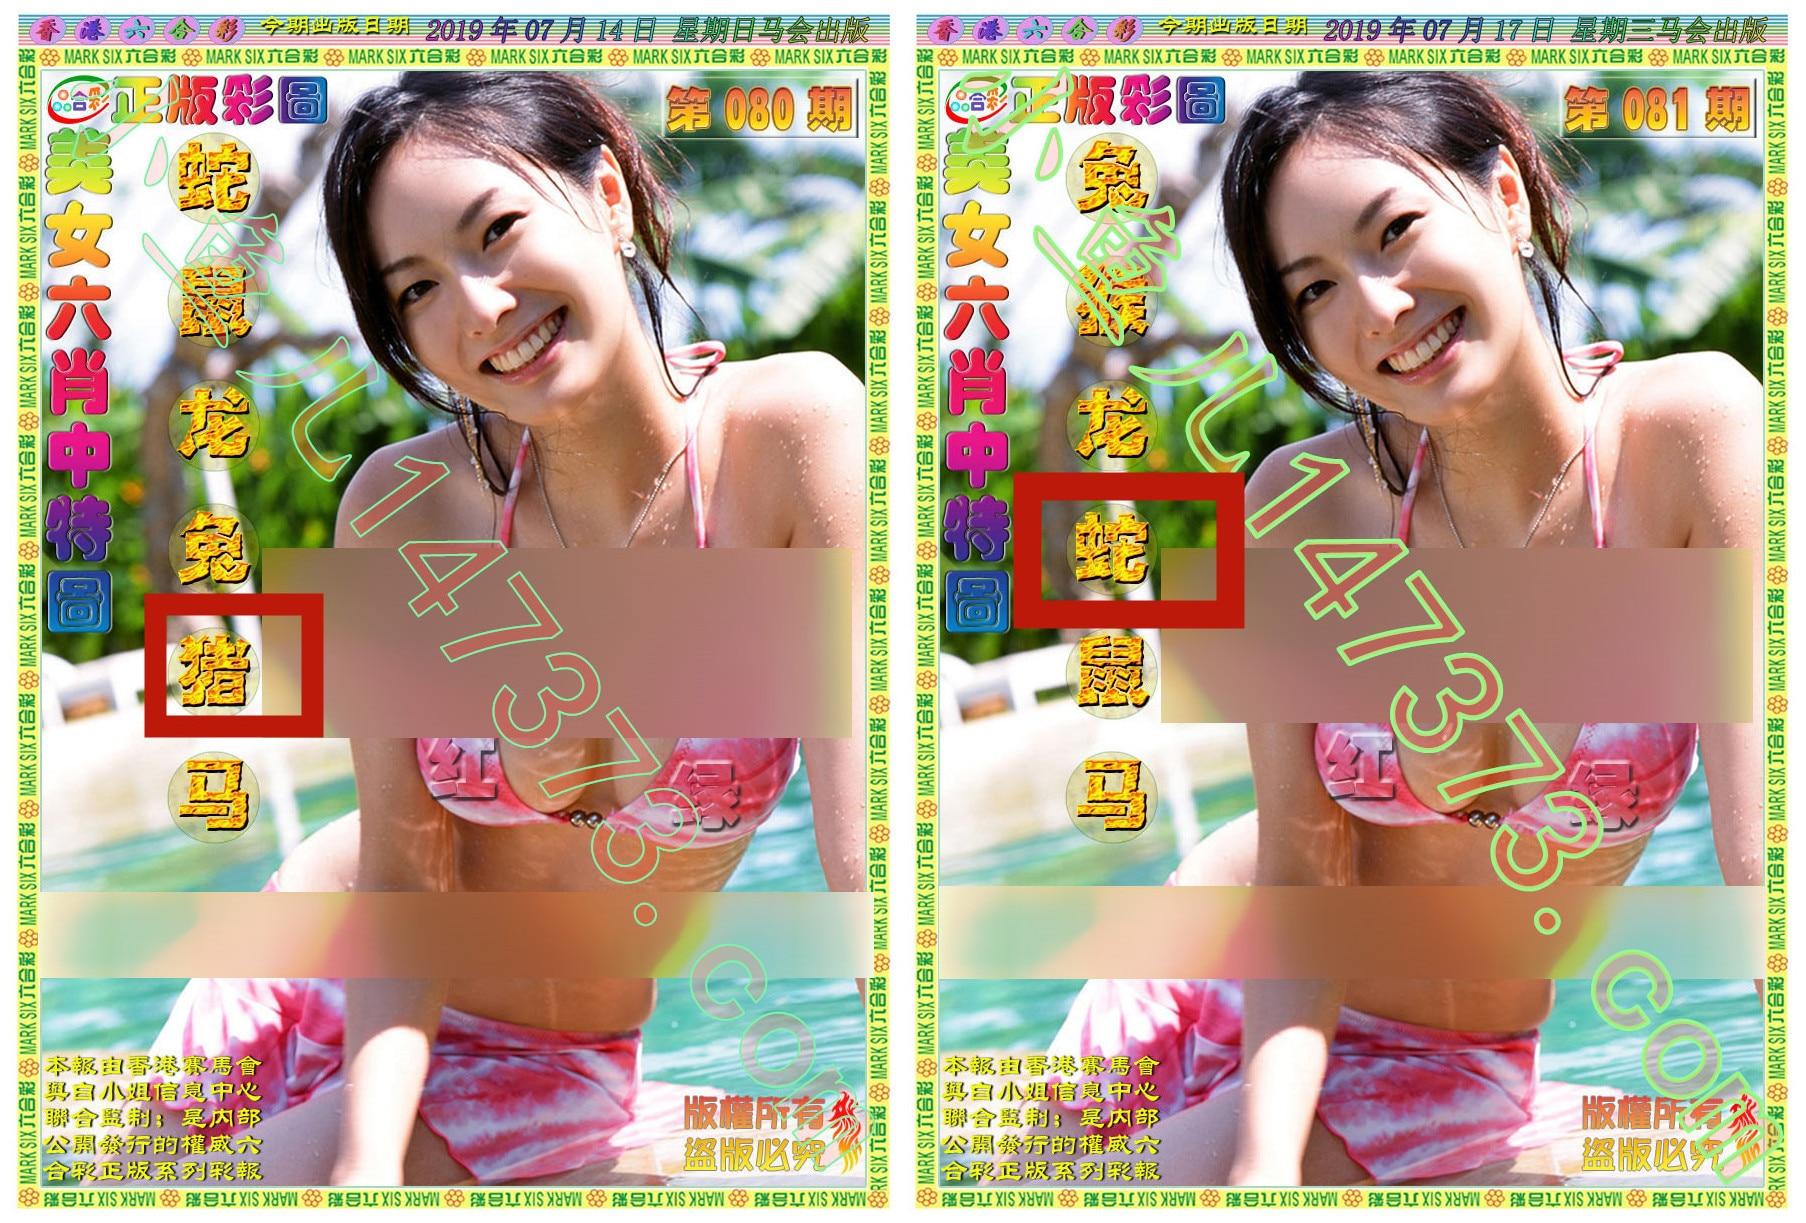 HTB1.A5laKH2gK0jSZJnq6yT1FXa9.jpg (1806×1223)